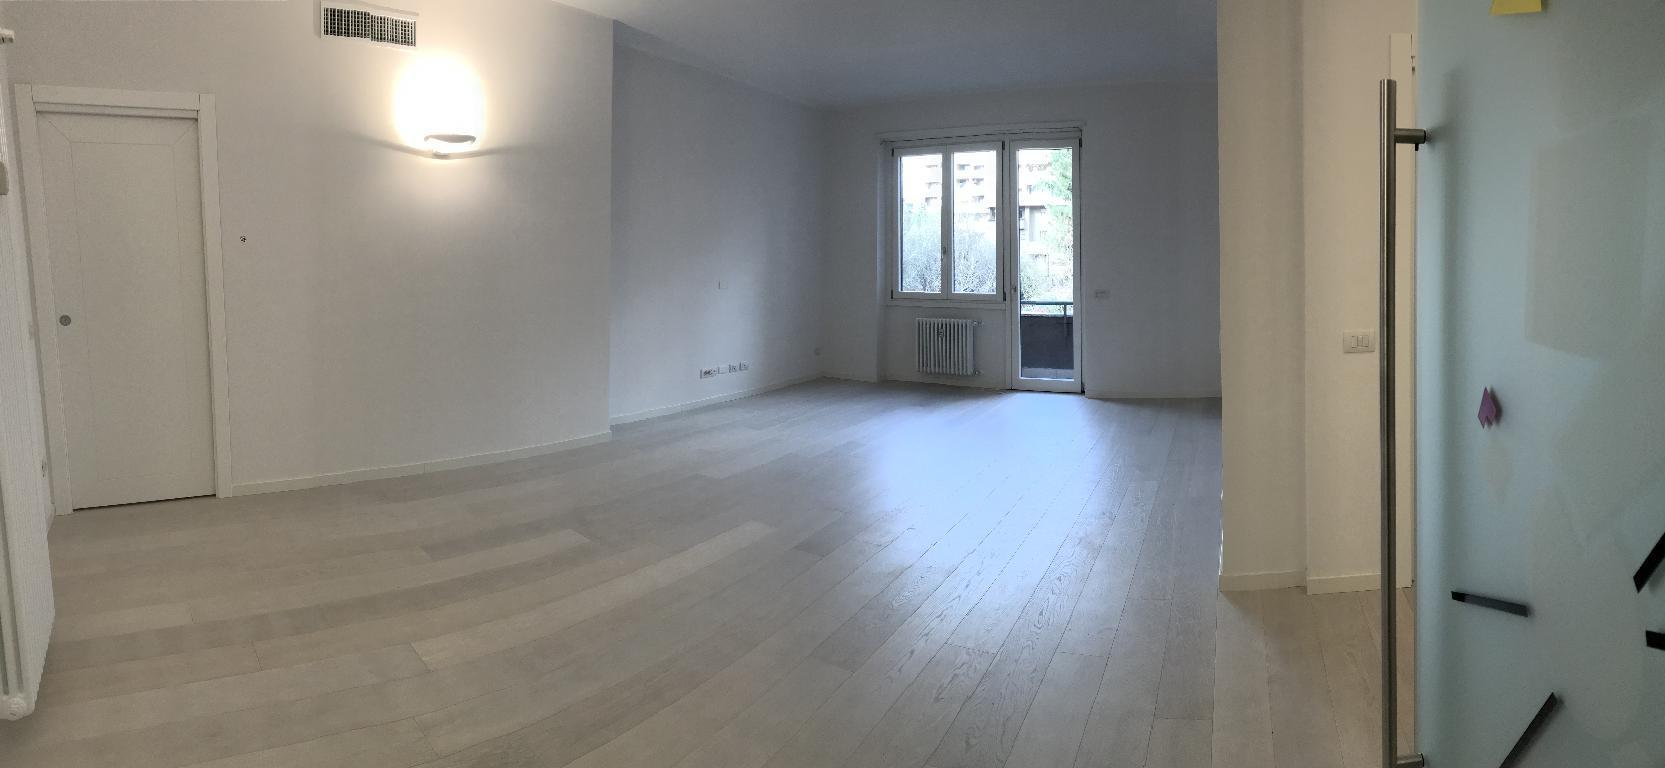 Appartamento, ramazzotti, Parco, Affitto/Cessione - Monza